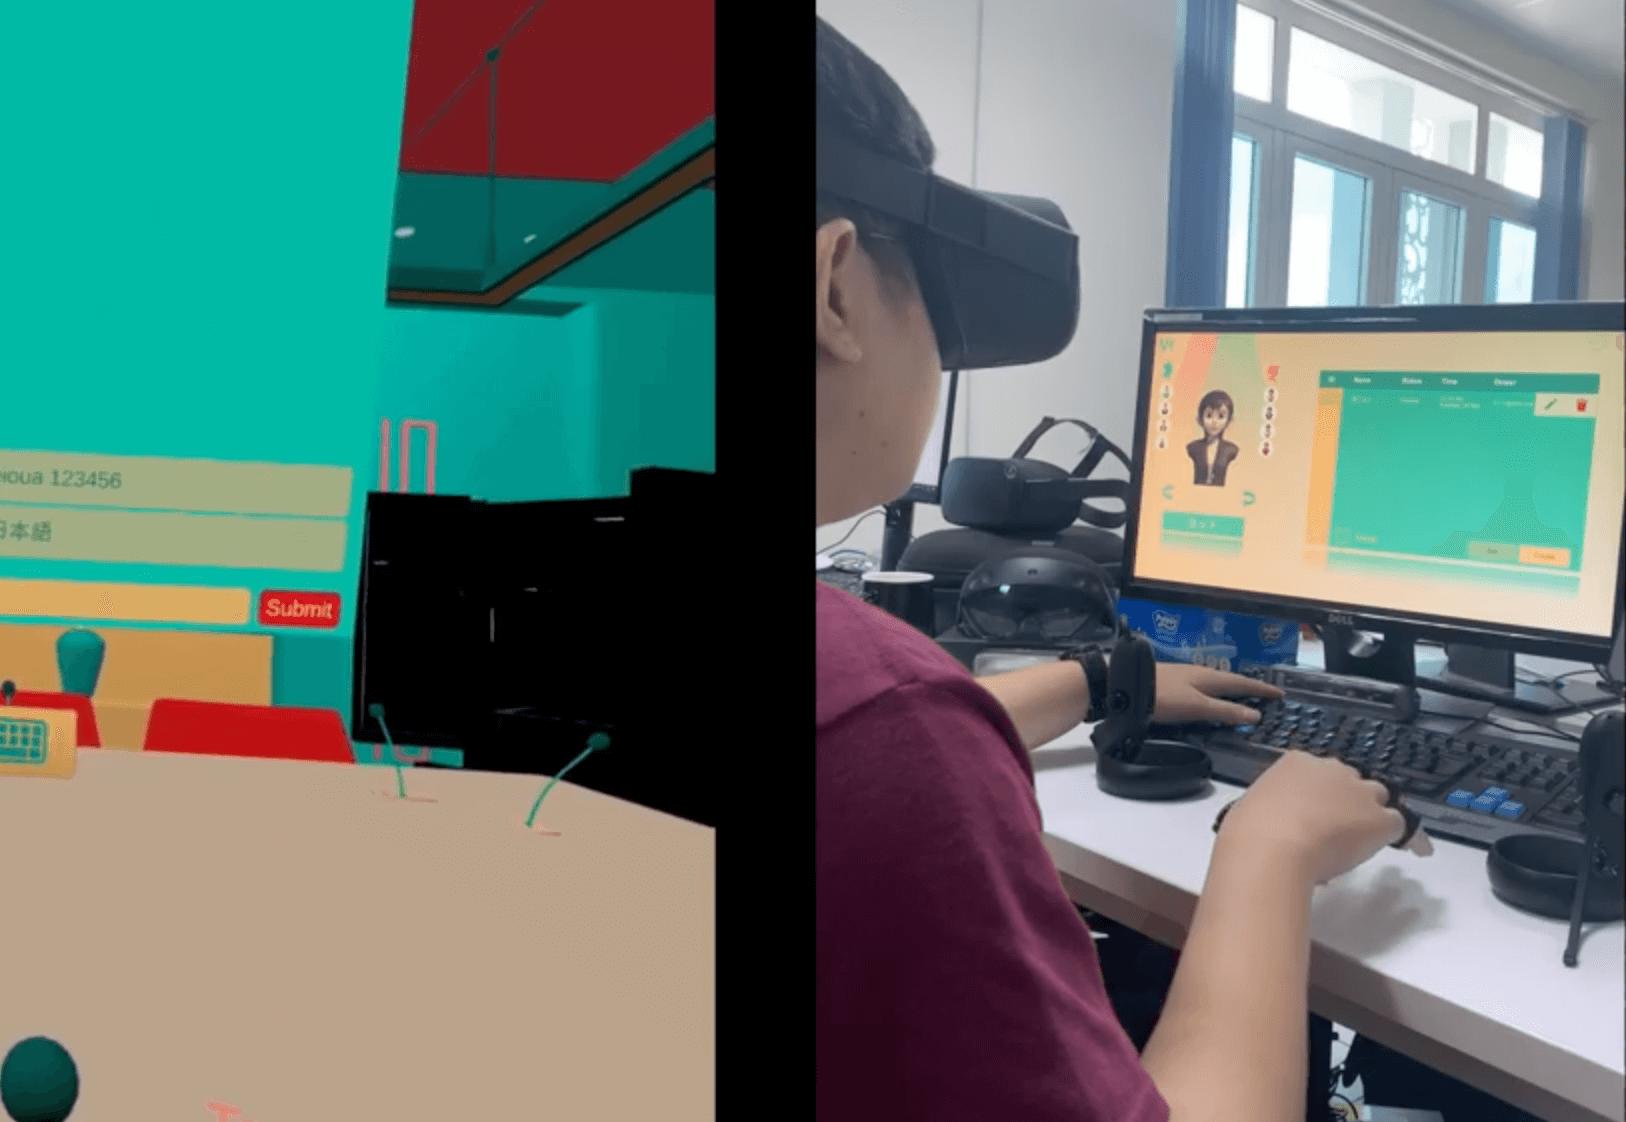 VRオフィス空間でエアタッチタッピングで文字入力。TapStrap2ウェアラブルキーボードの研究開発